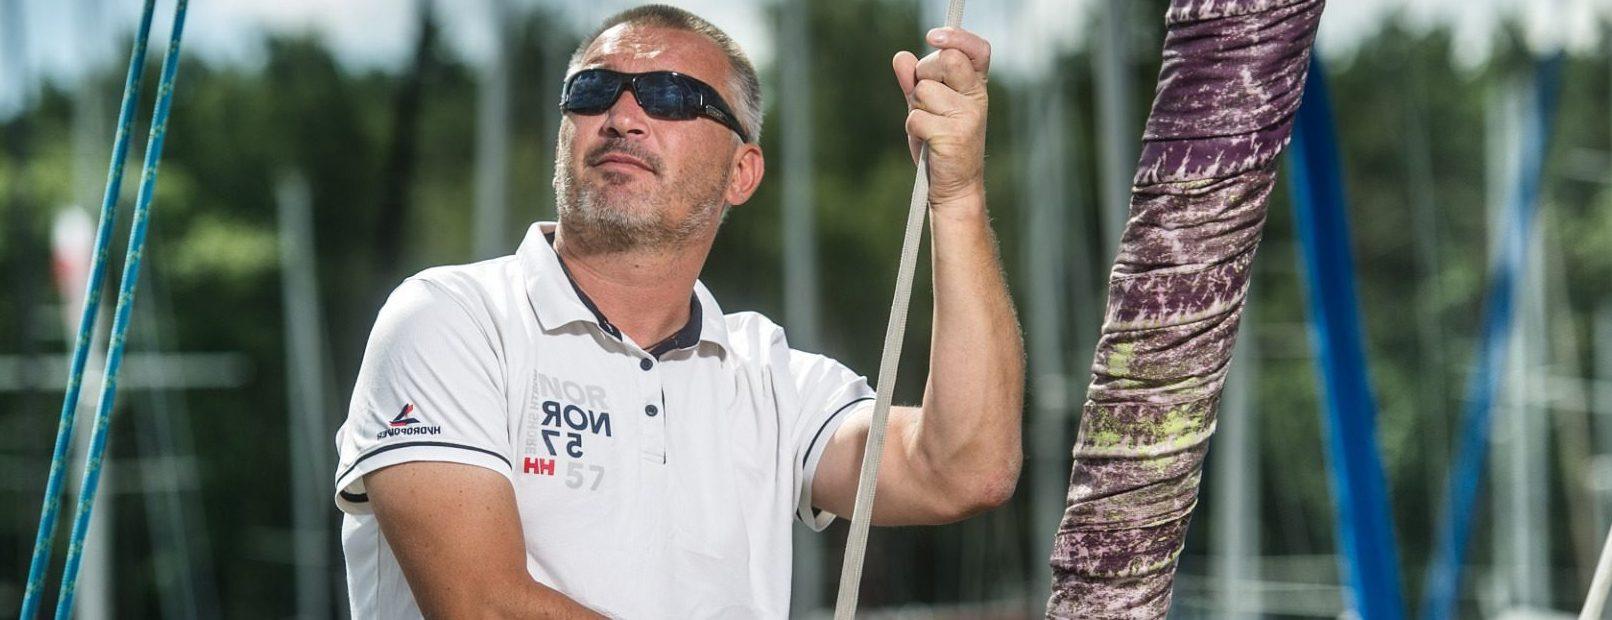 How does Zbigniew Gutkowski sail?